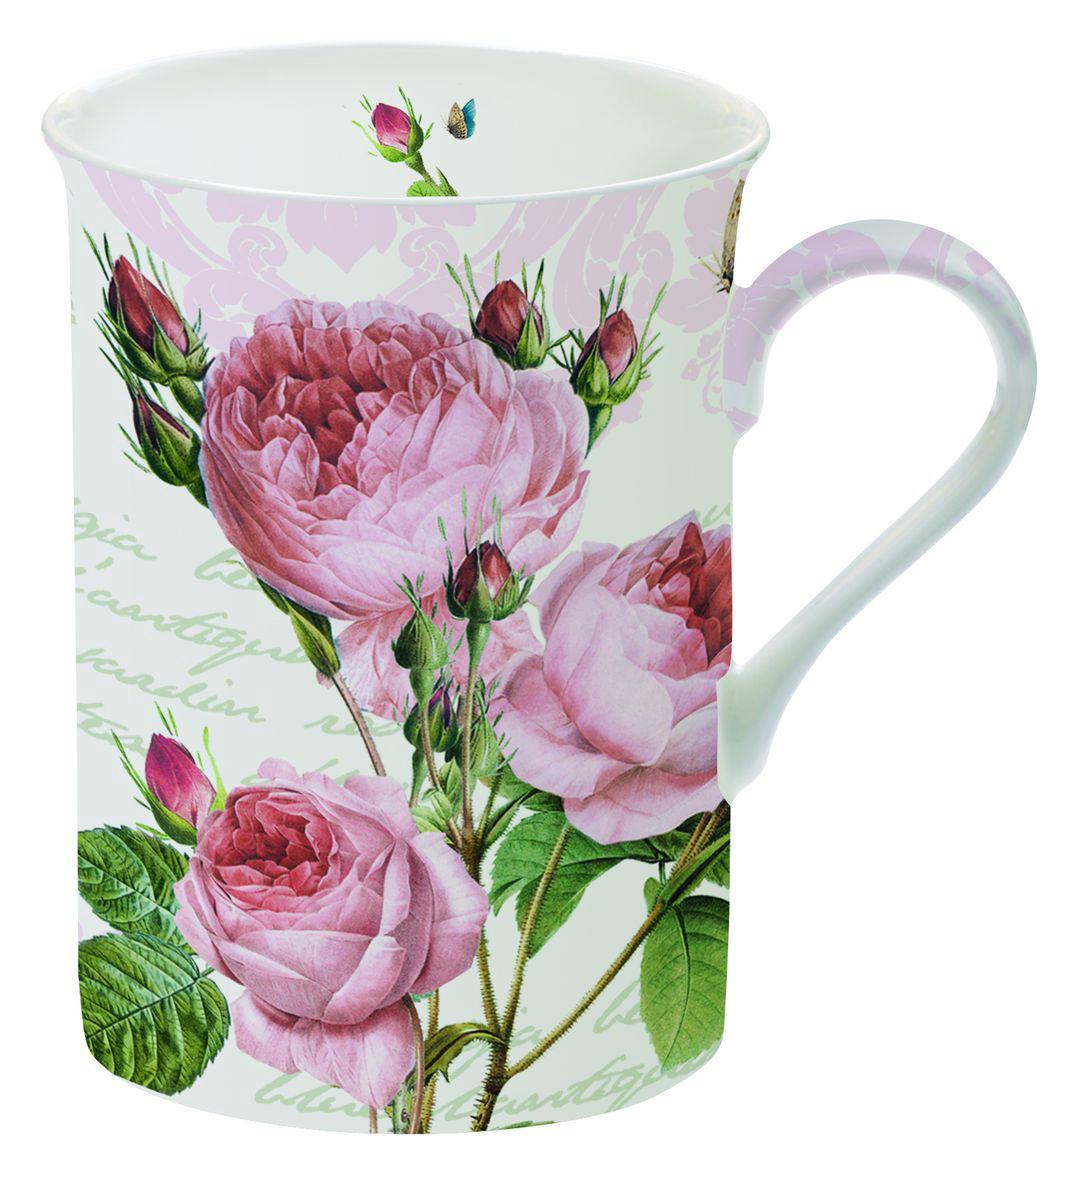 Кружка Nuova R2S Романтические розы, 250 мл329RMRКружка Nuova R2S Романтические розы изготовлена извысококачественного фарфора. Внешние стенки изделияоформлены цветочным изображением.Такая кружка станет неизменным атрибутом домашнегочаепития, апить любимый напиток из нее будет еще приятнее.